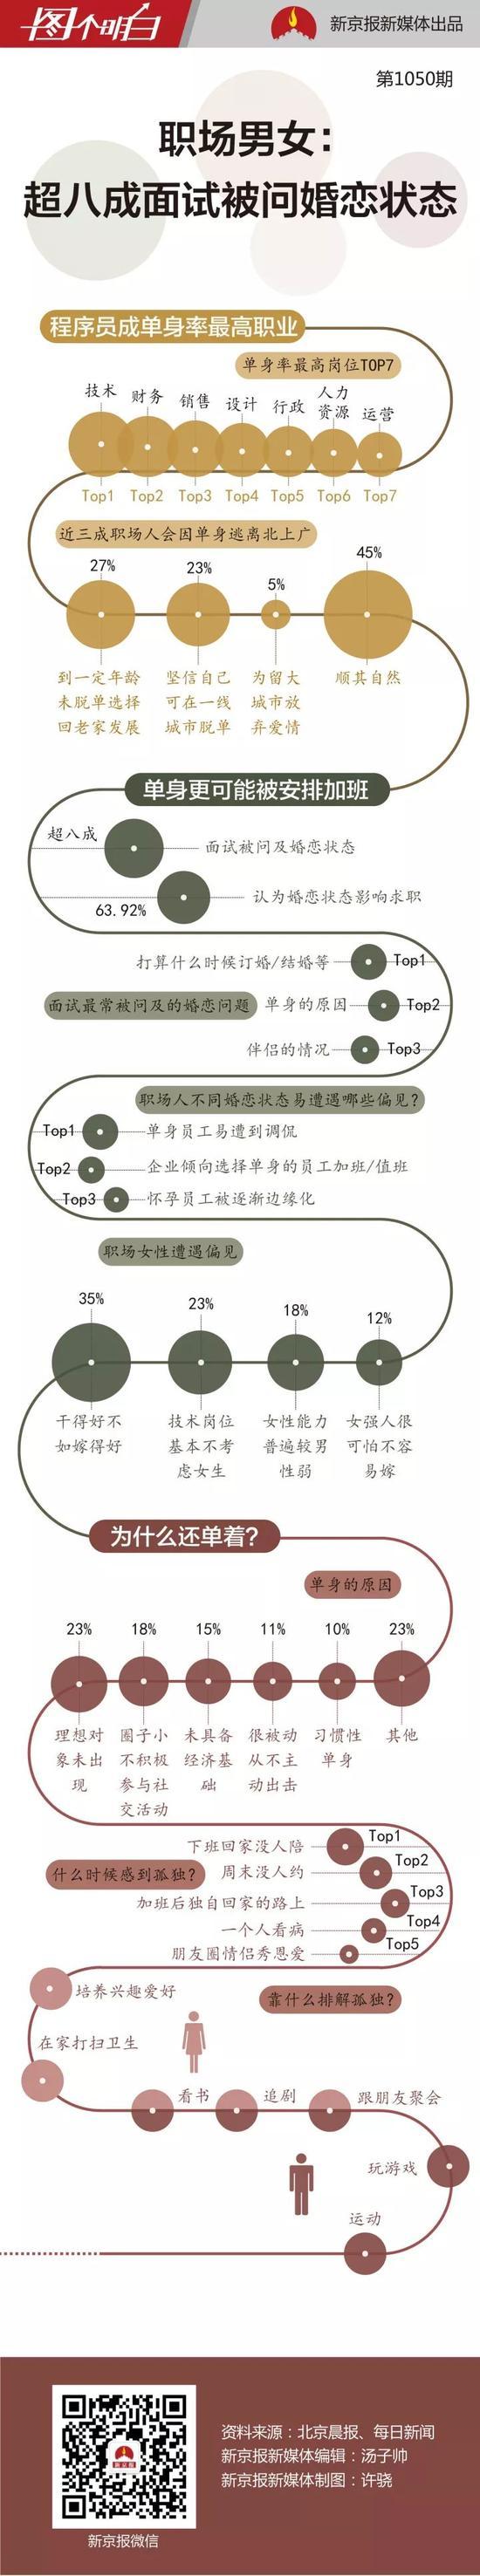 数据显示越加班越单身 越单身的人会被安排加班